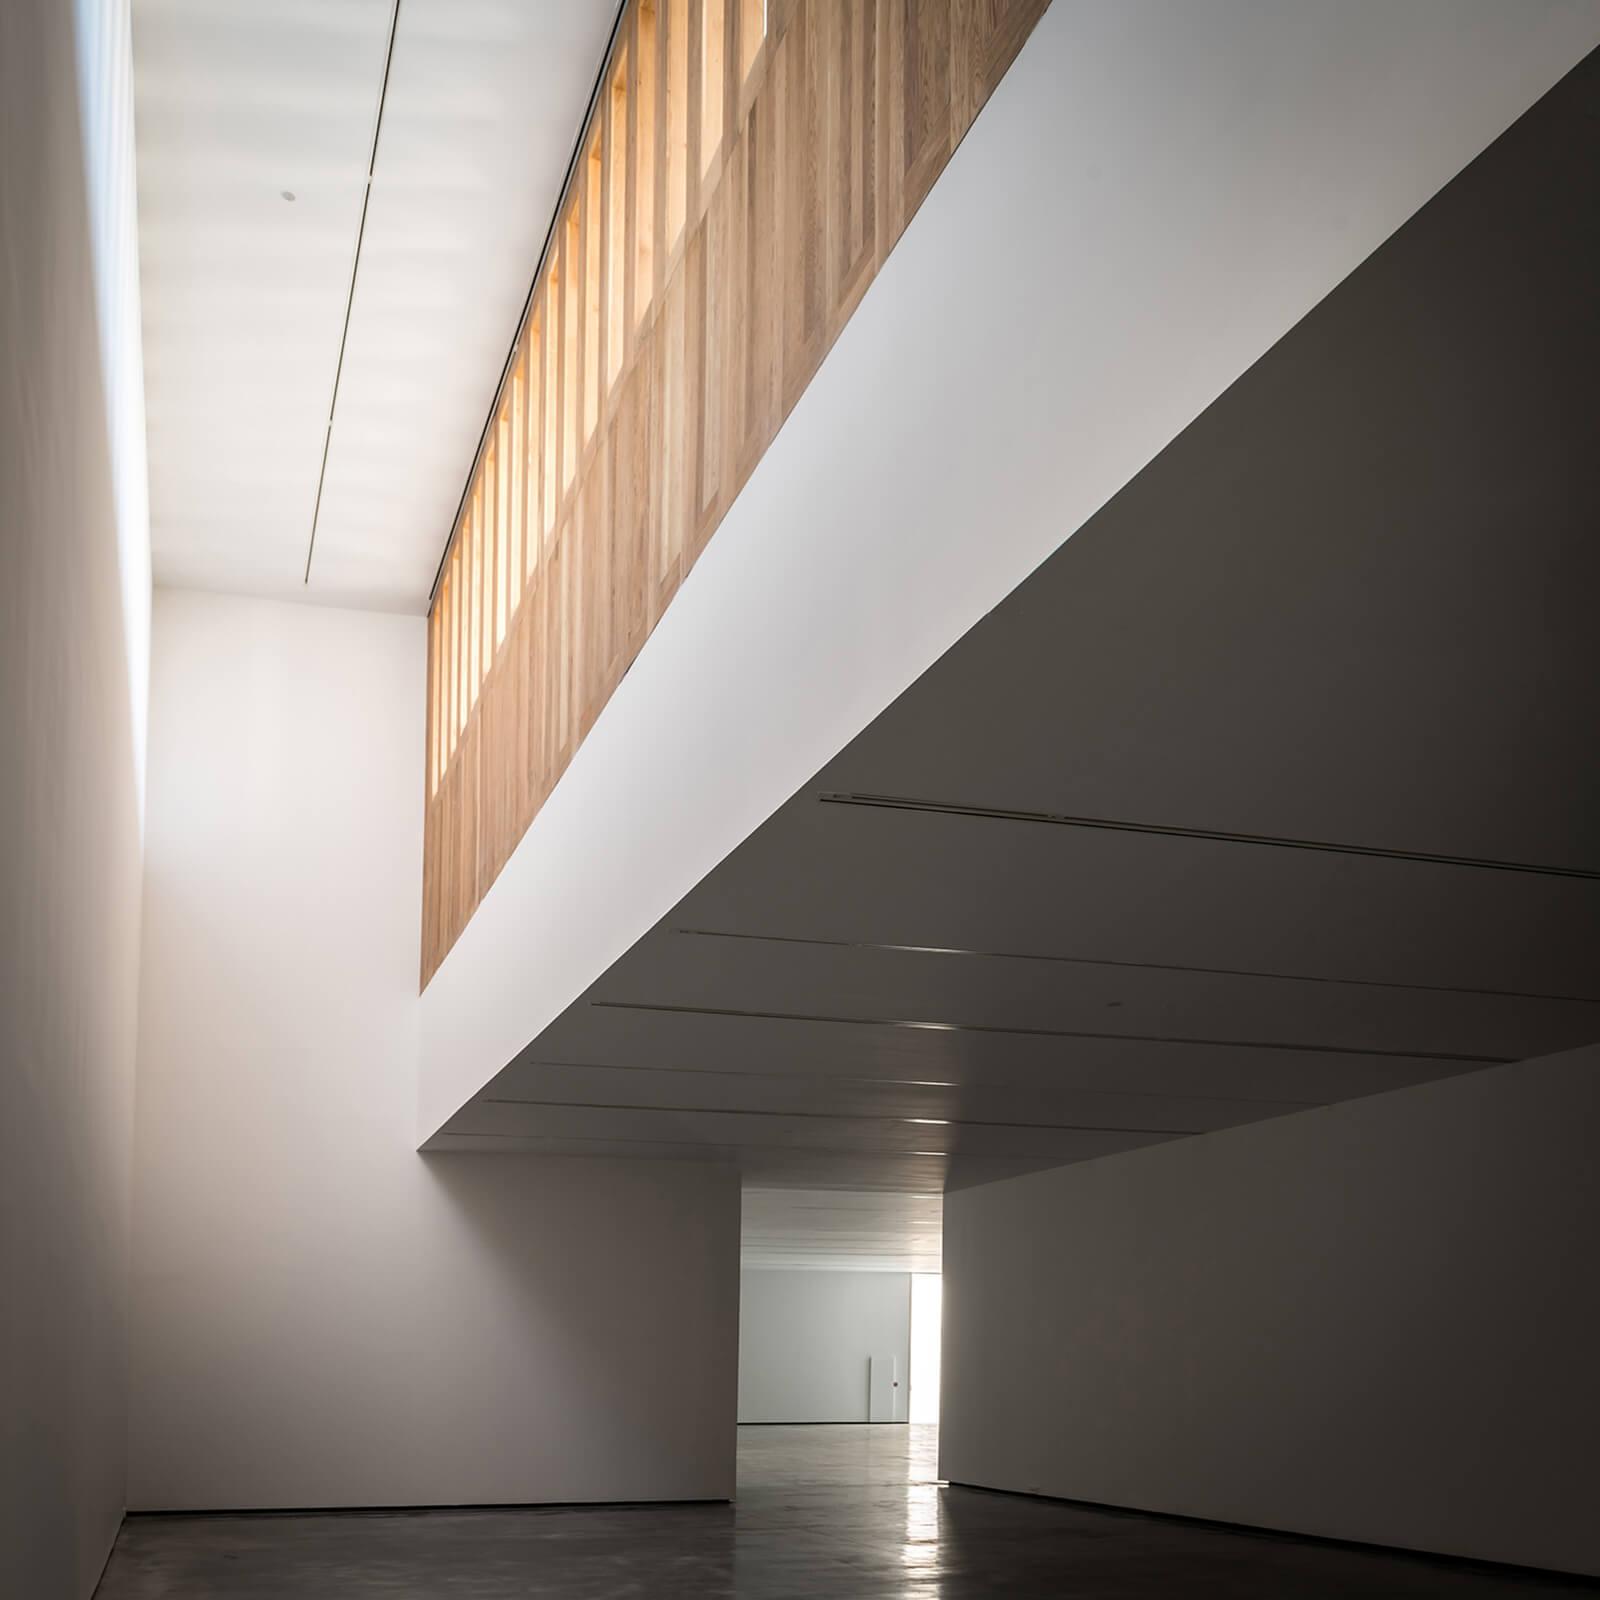 Museo de Arte Contemporáneo Helga de Alvear  - 10.2 55